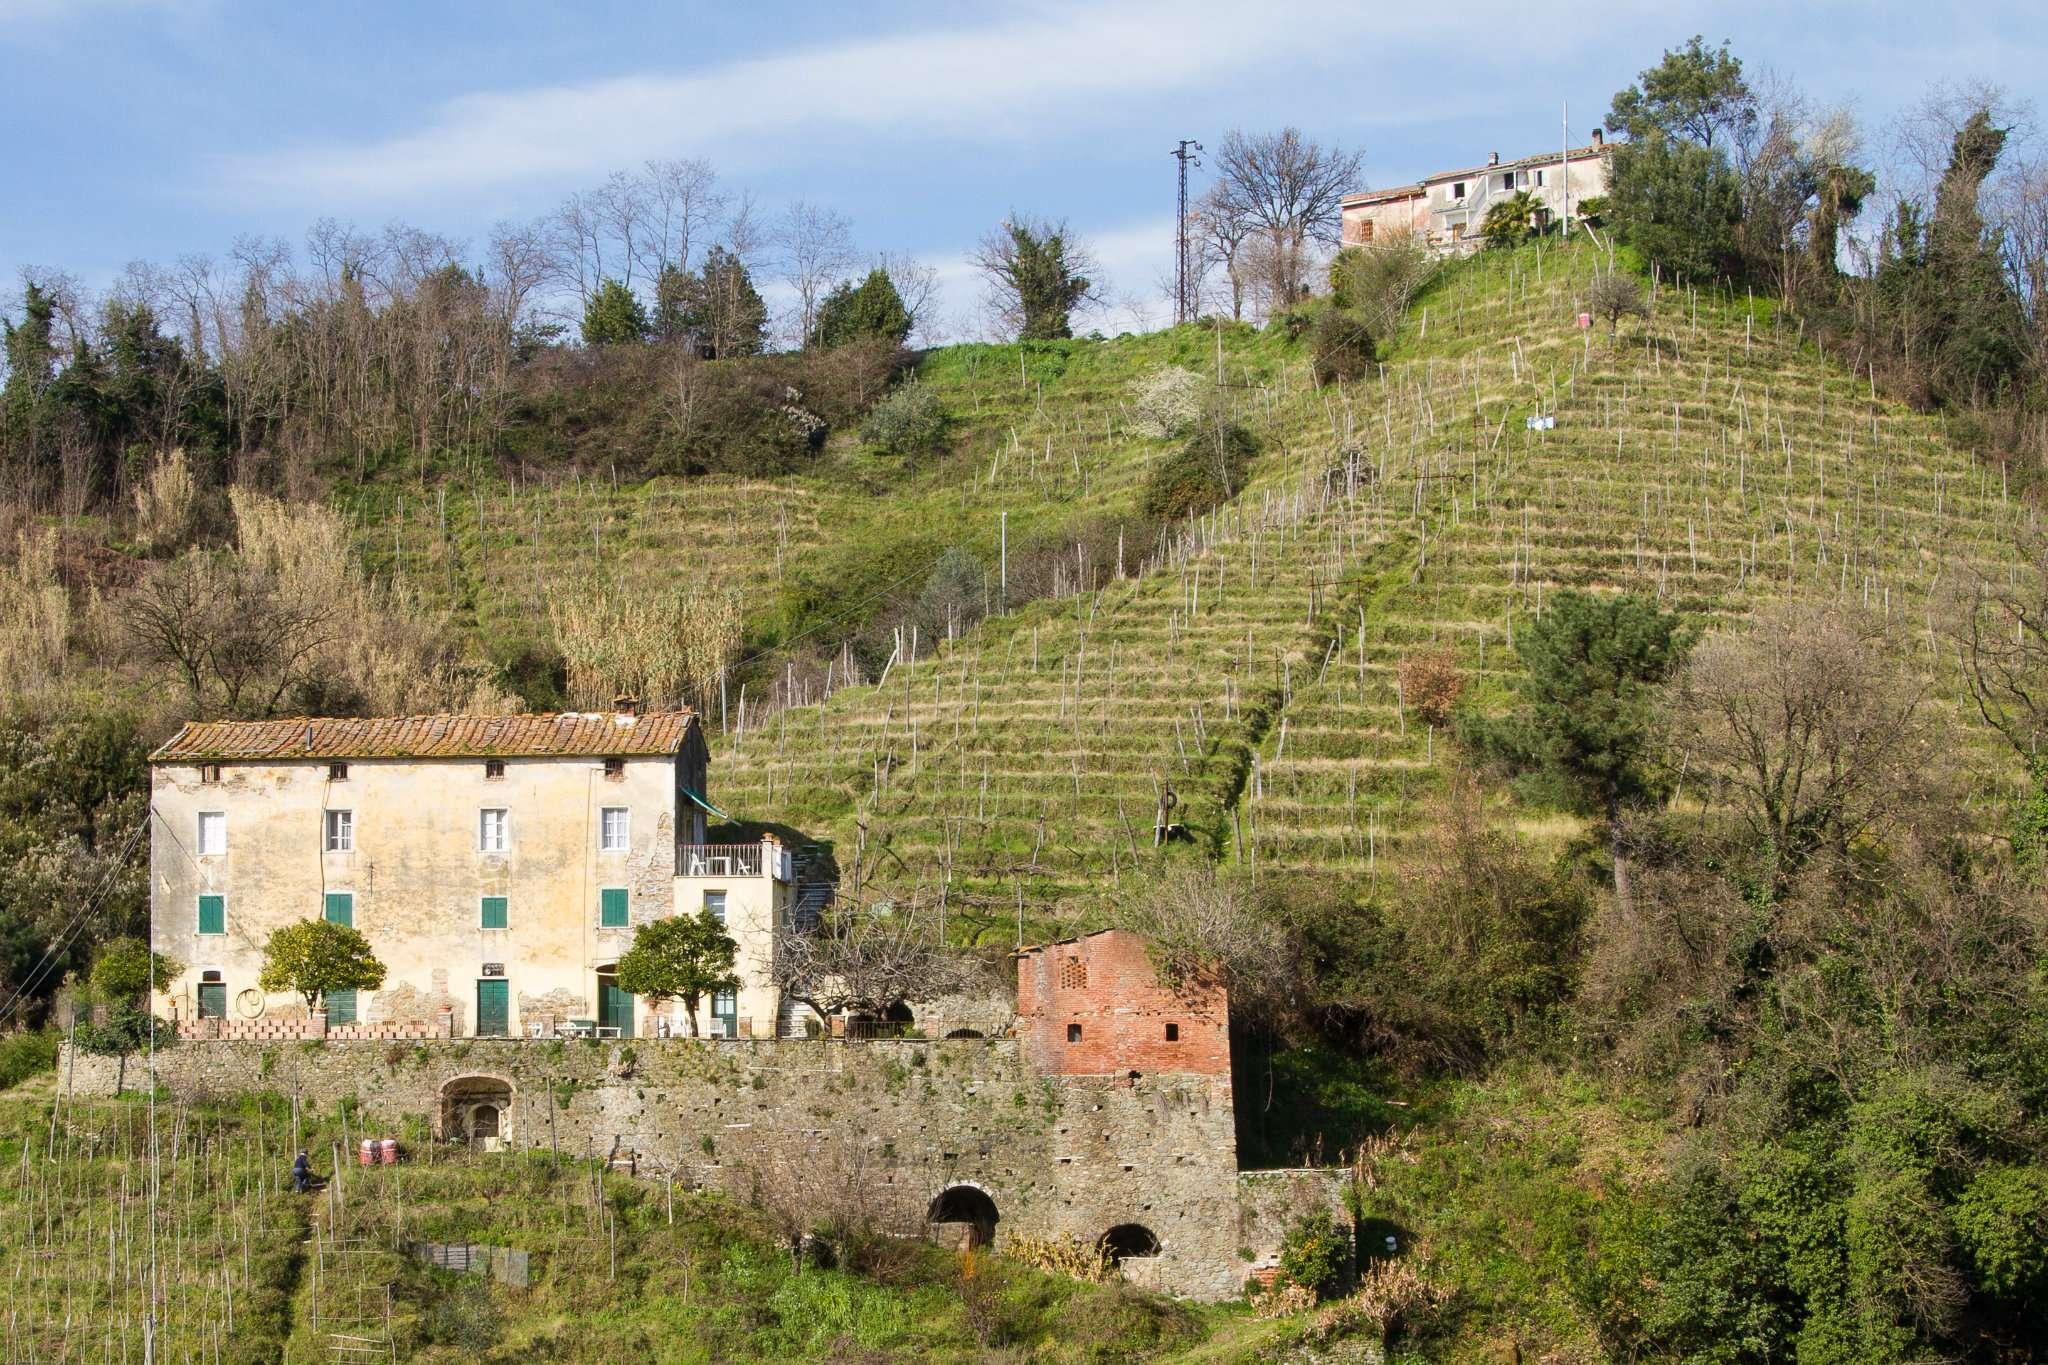 Rustico / Casale in vendita a Carrara, 15 locali, prezzo € 600.000 | CambioCasa.it